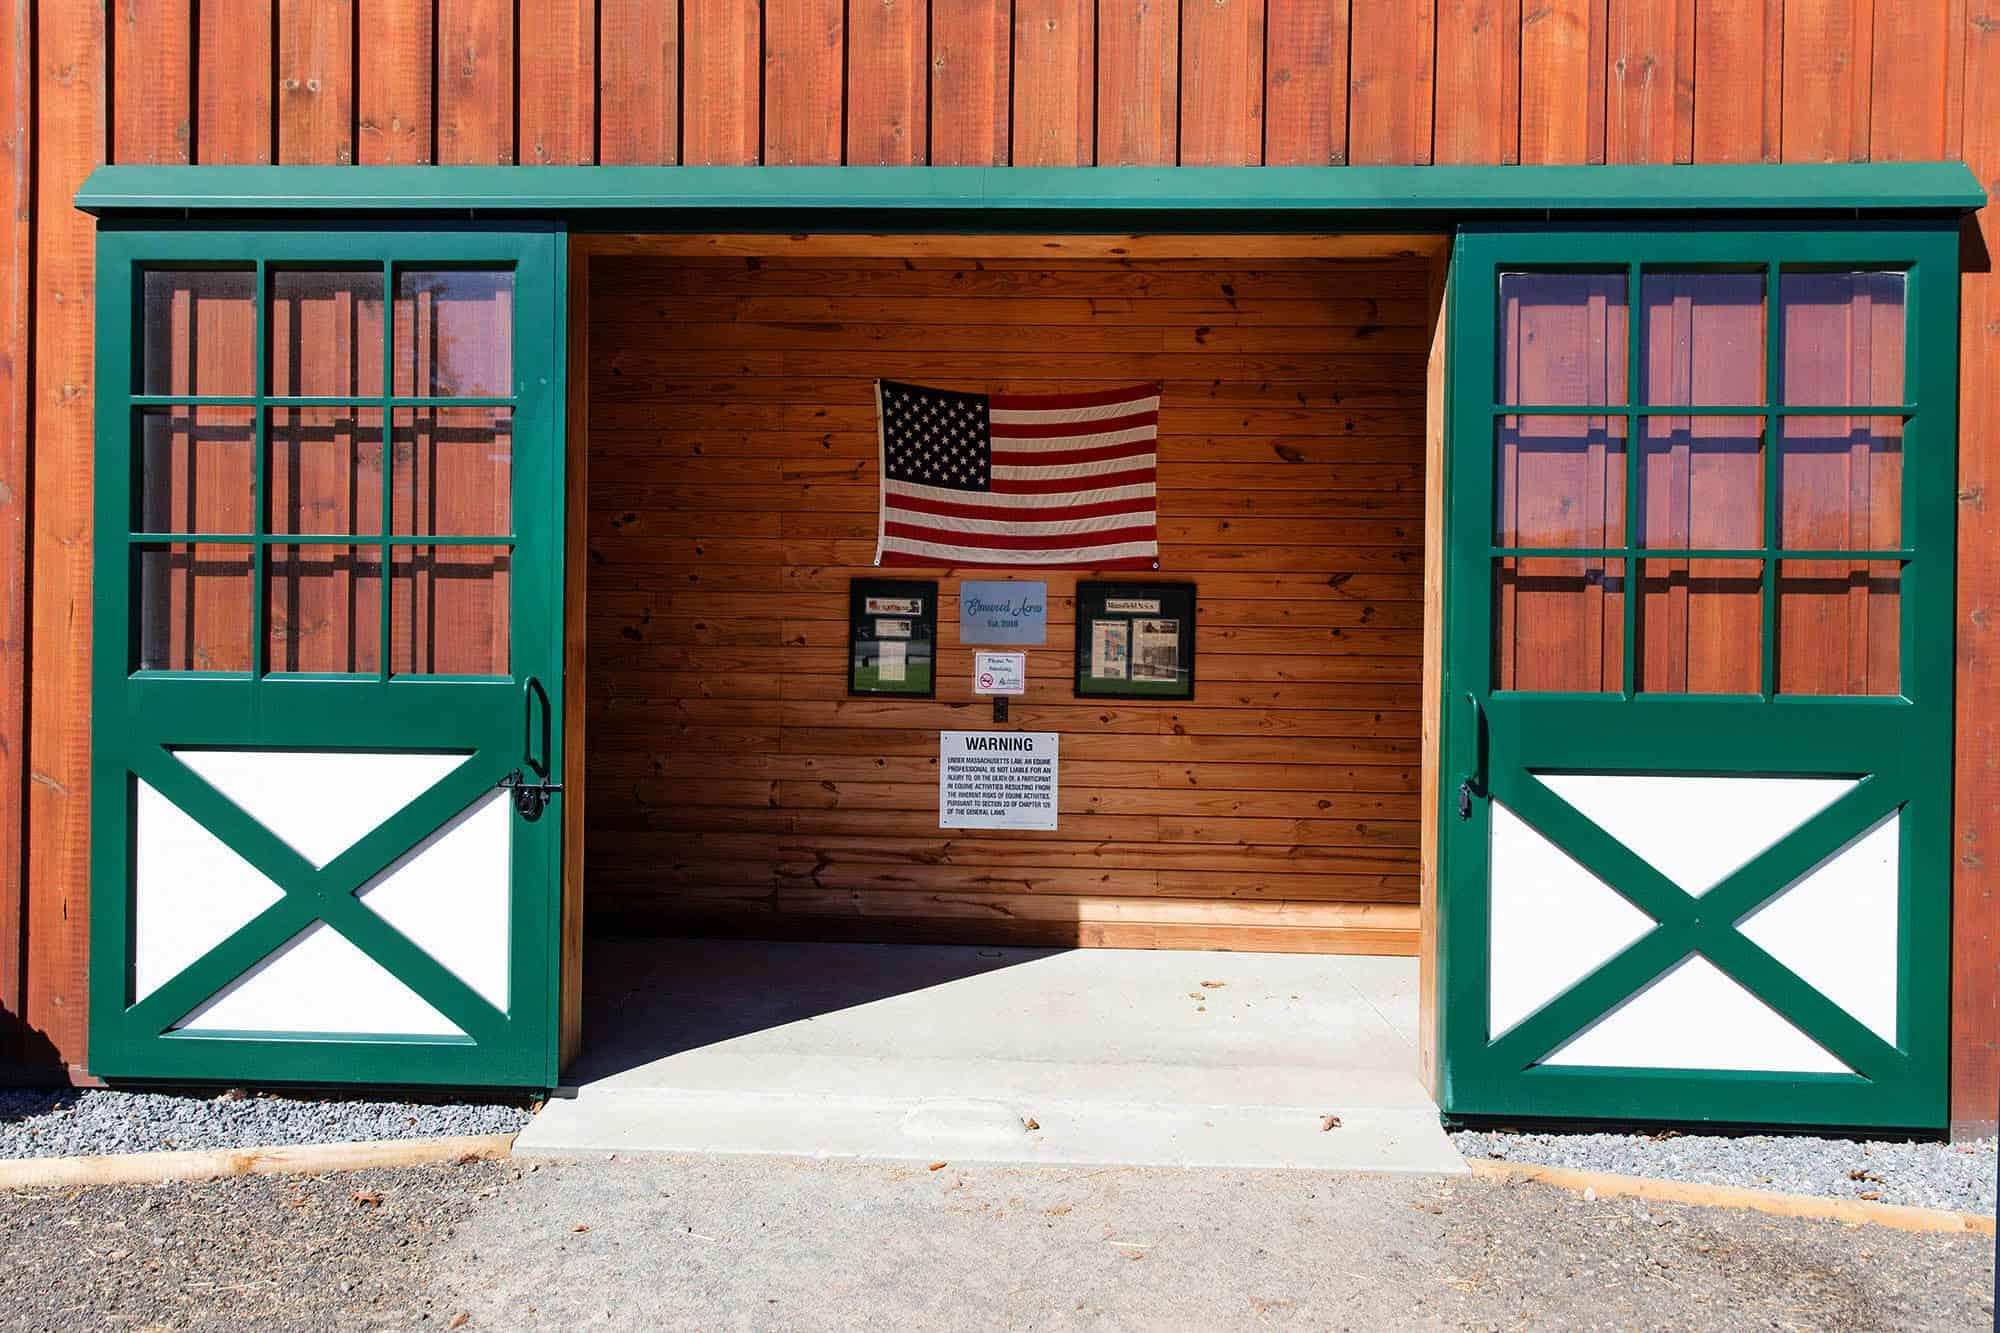 barn doors usa flag go america